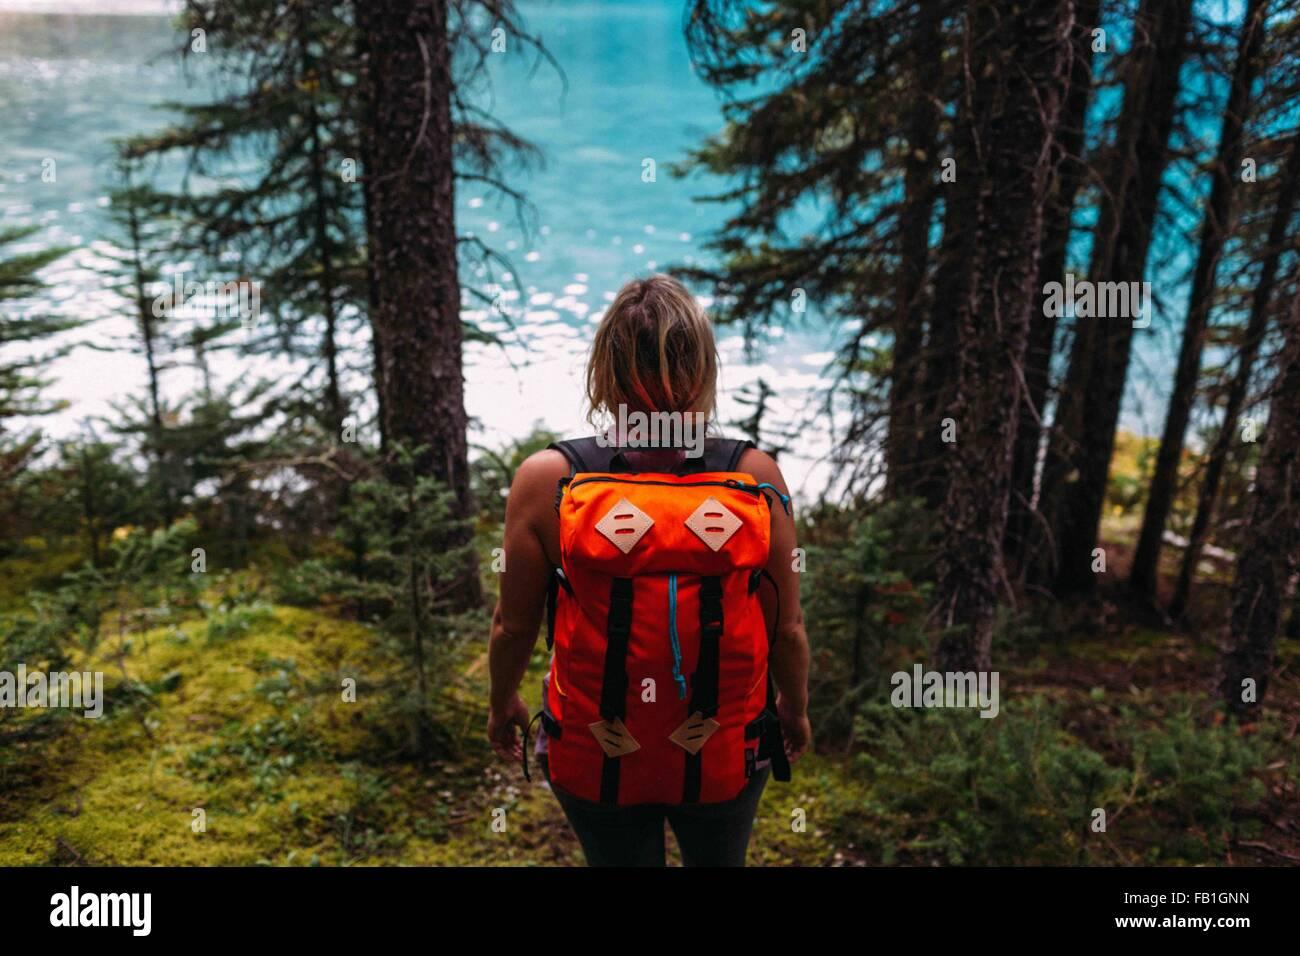 Rückansicht Mitte Erwachsene Frau, die die Farbe orange Rucksack Wald Wasser Moraine Lake Banff Nationalpark Alberta Stockfoto